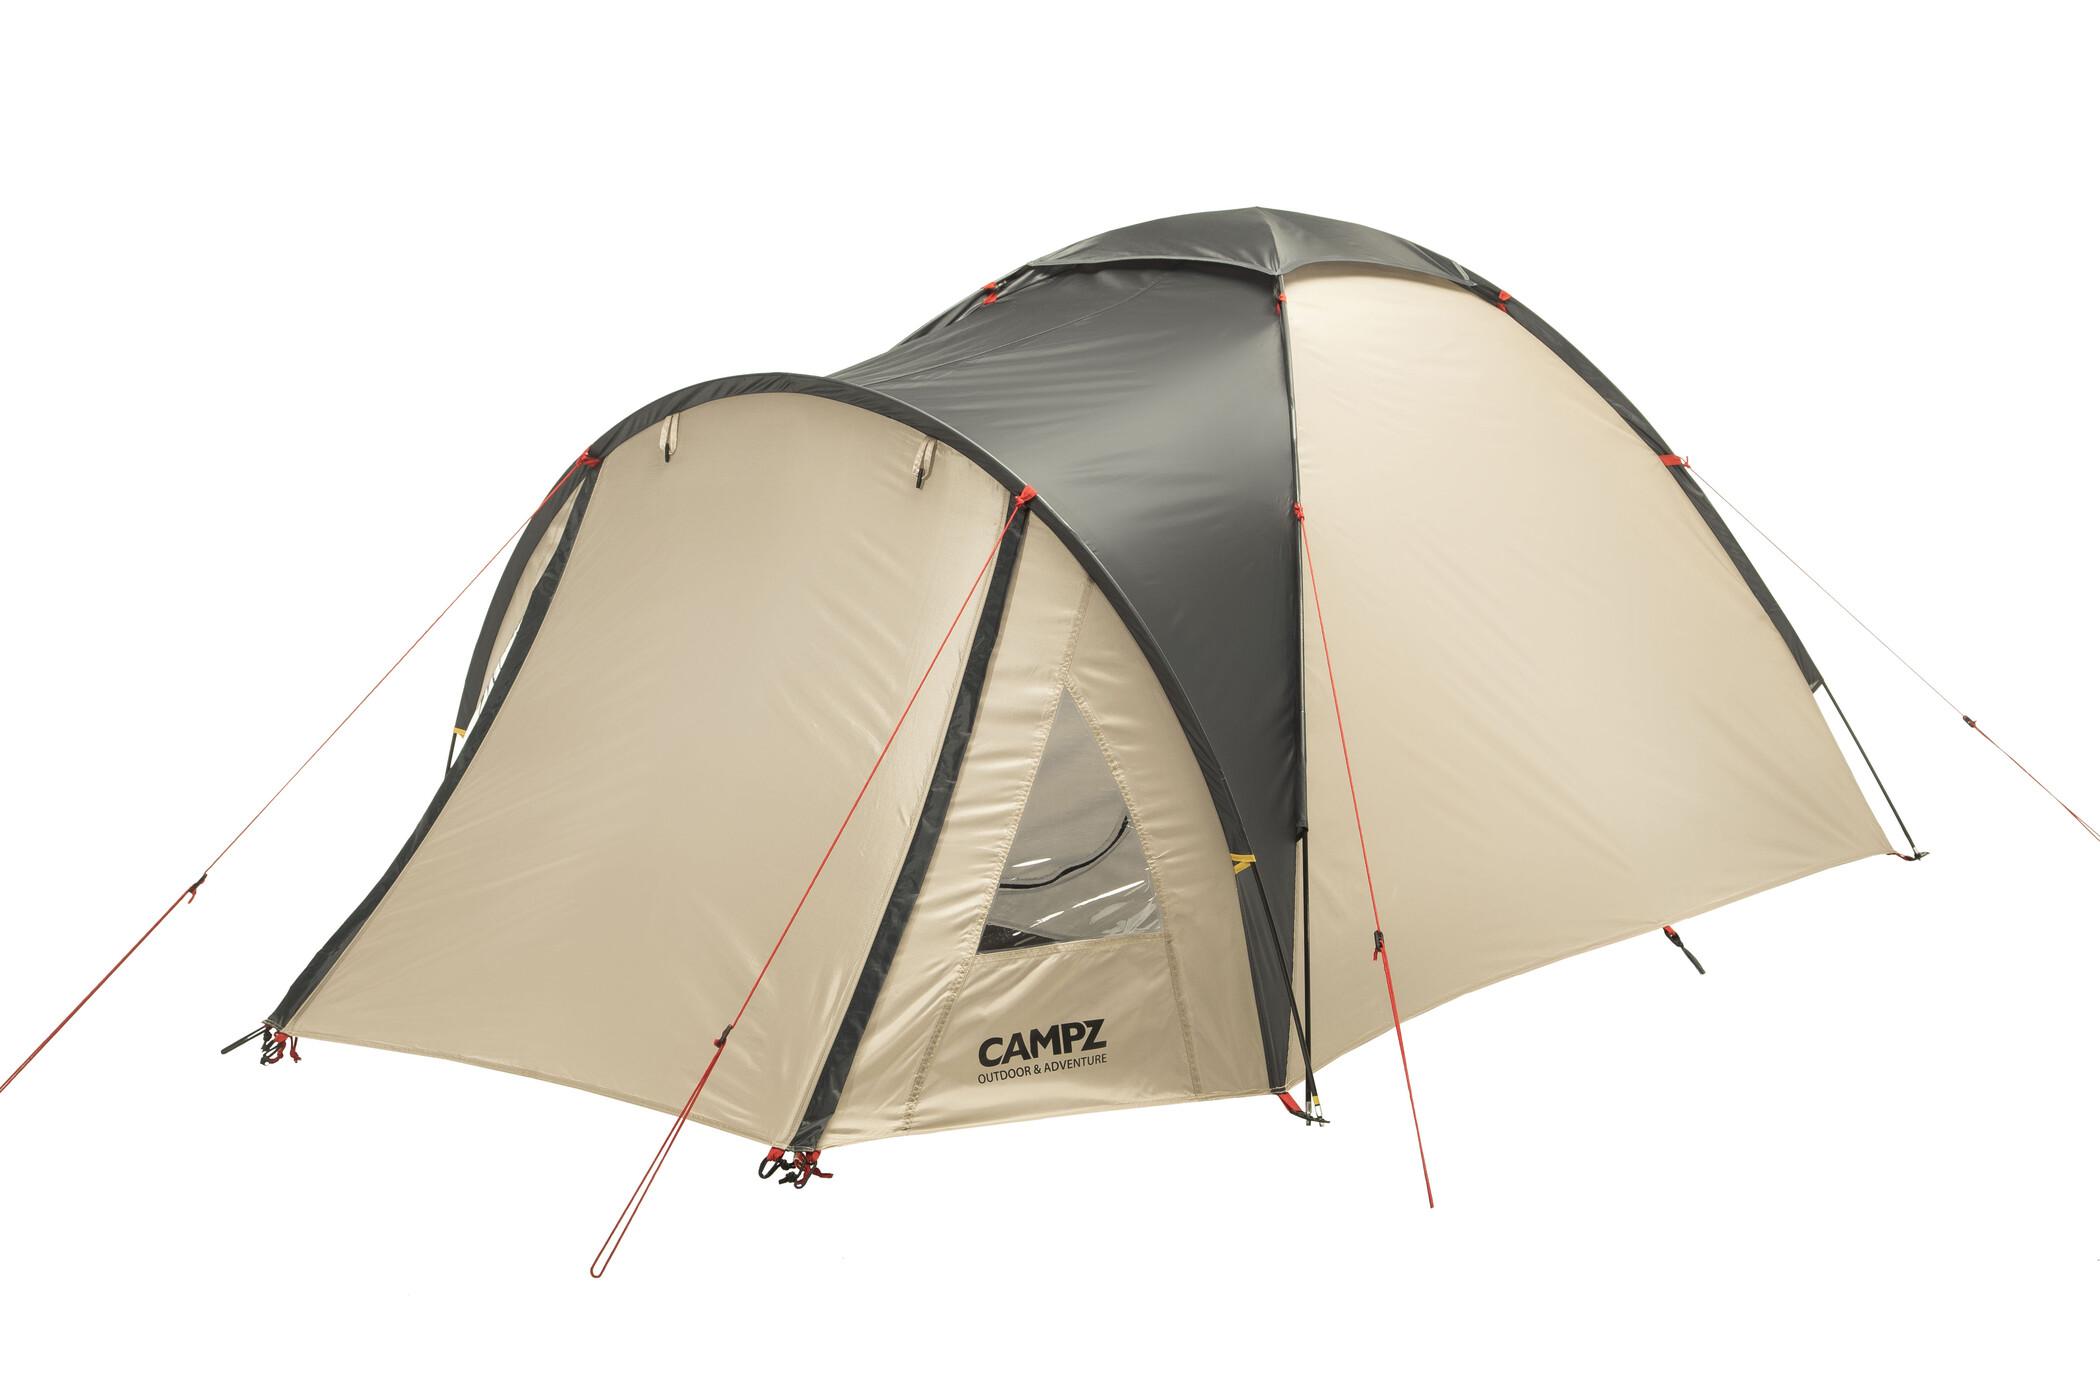 CAMPZ Veneto XW 2P Telt, beige/grey | Transport og opbevaring > Tilbehør